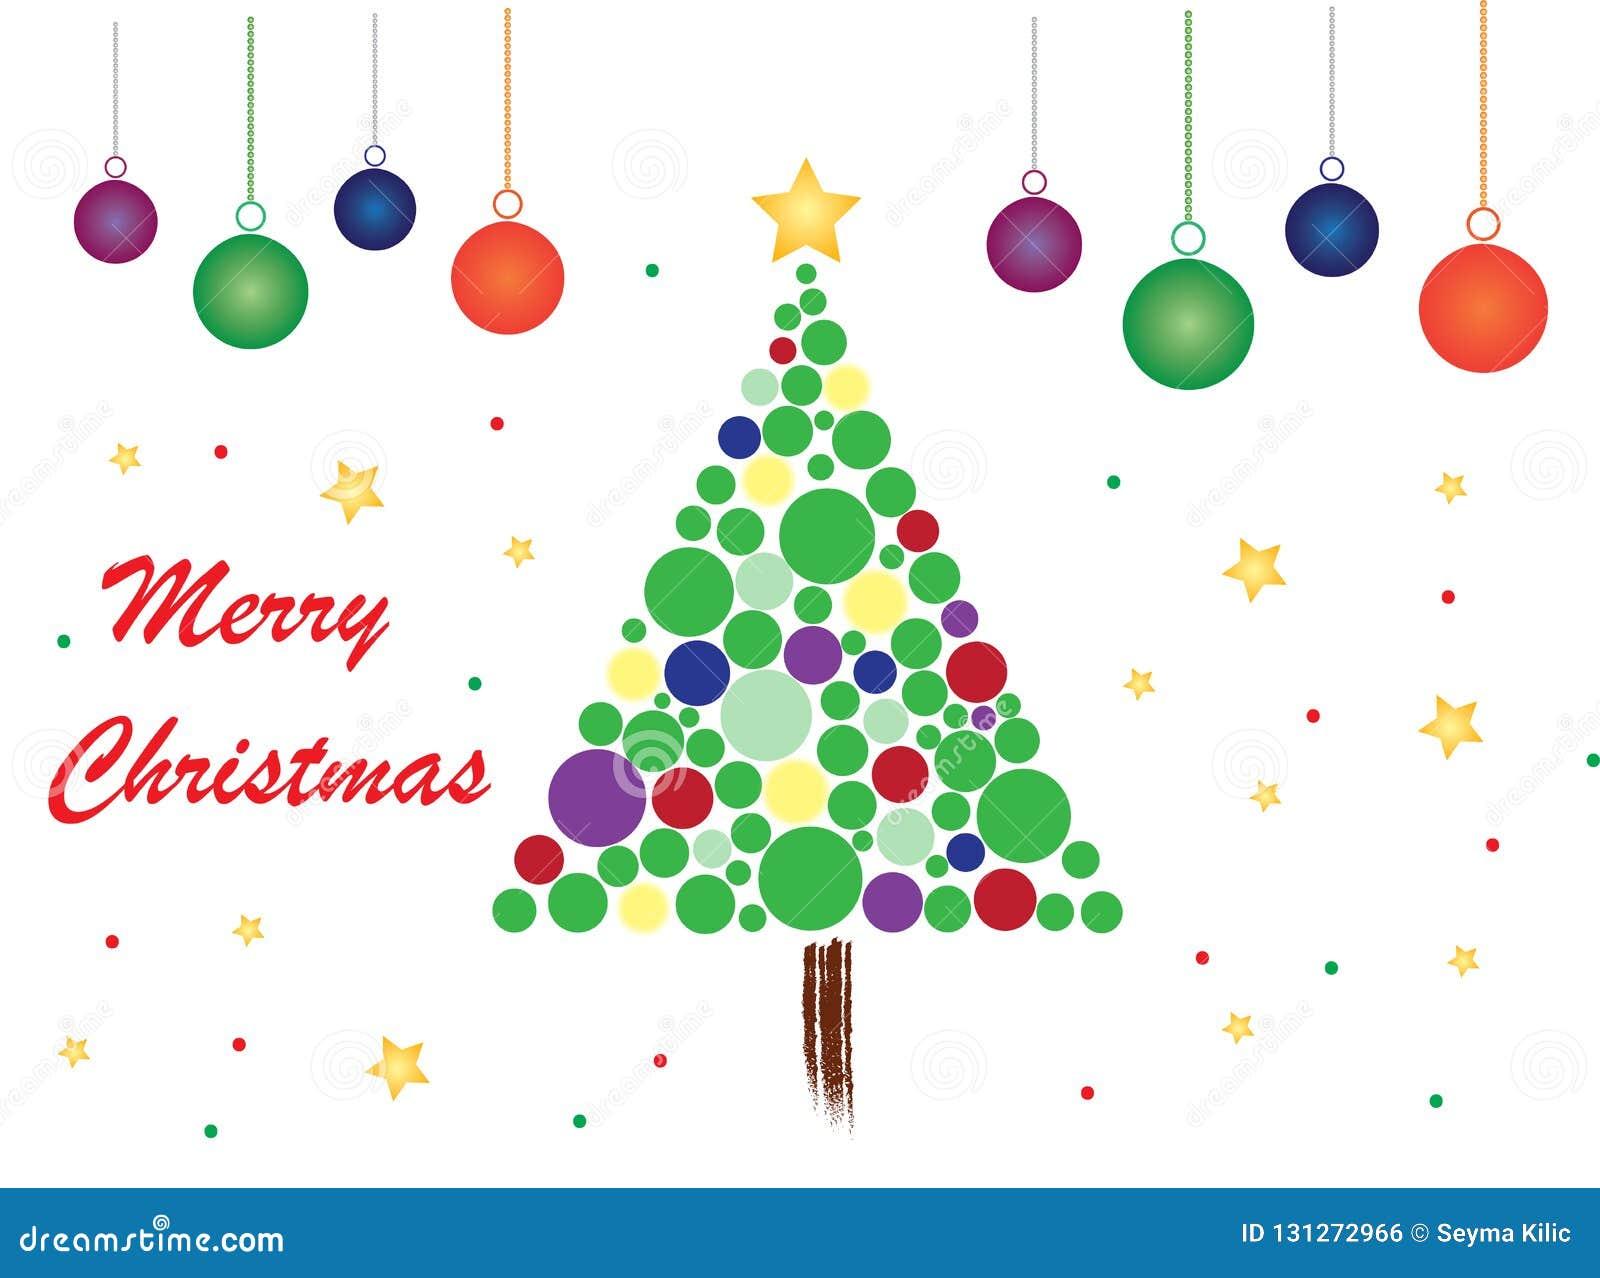 Fröhliches Weihnachtsmotiv mit weißem Hintergrund und Bällen